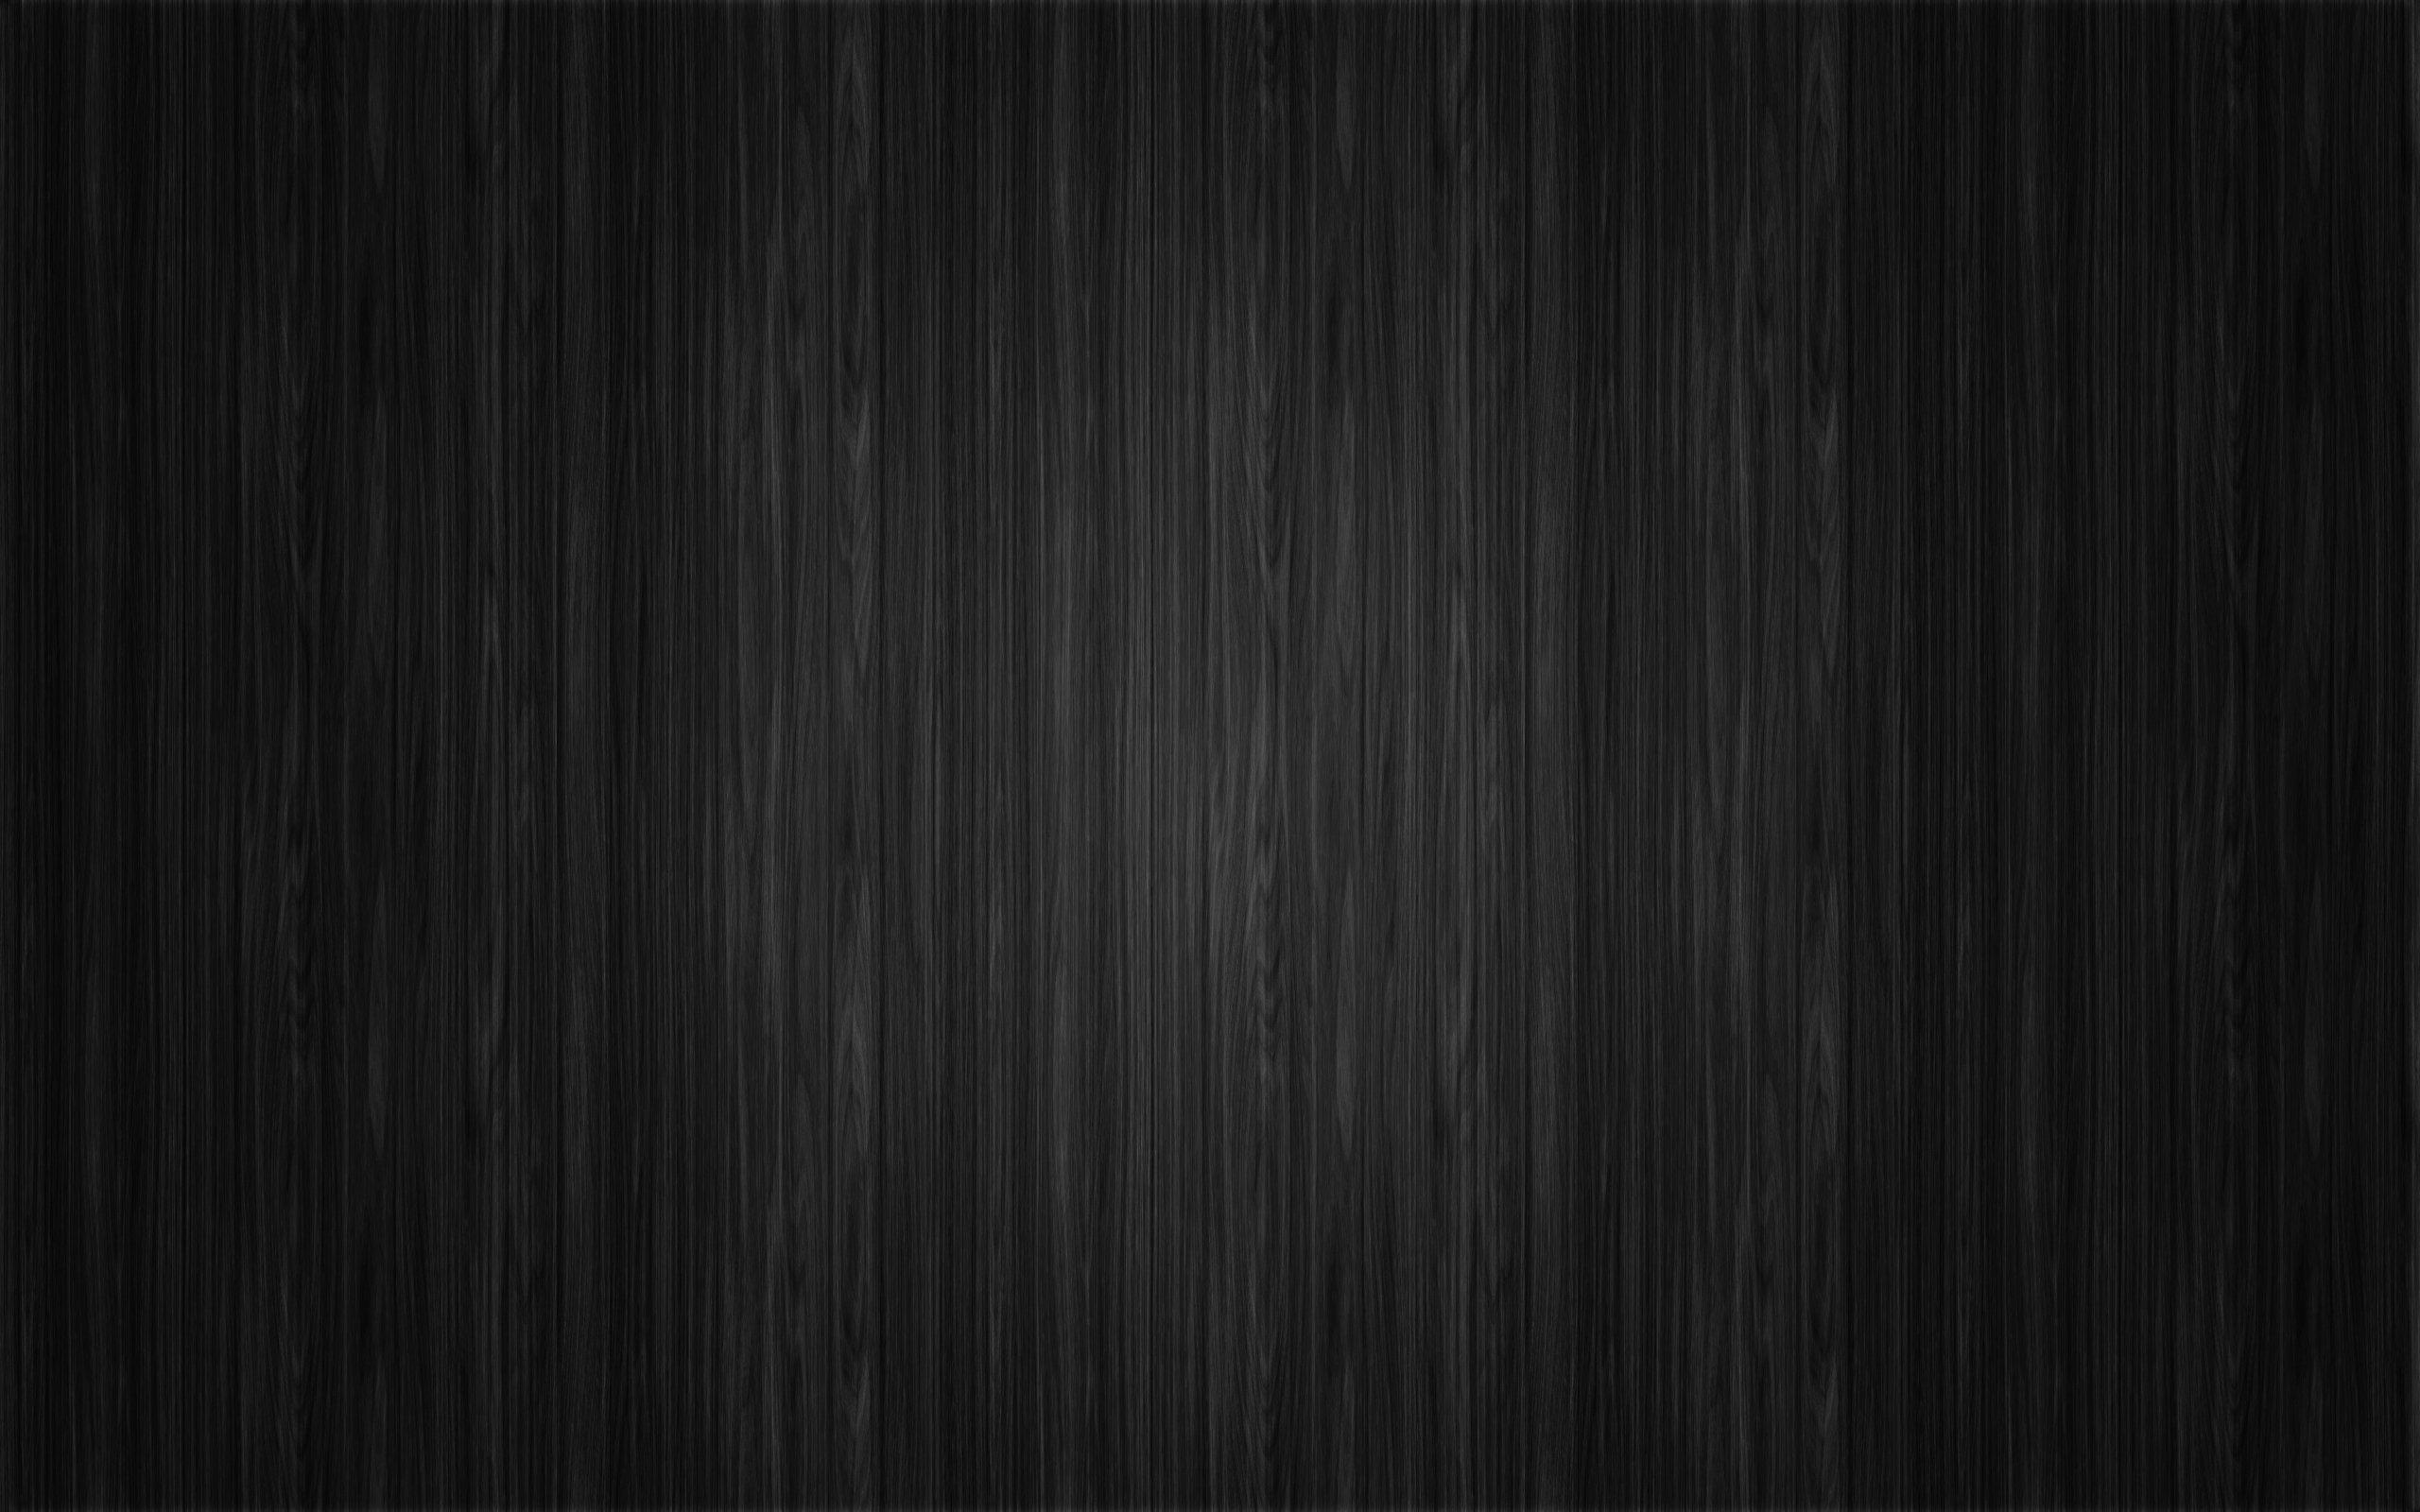 Black 3d Wallpaper  128   HD Wallpaper   3D Desktop Backgrounds. Black HD Wallpaper   WallpaperSafari